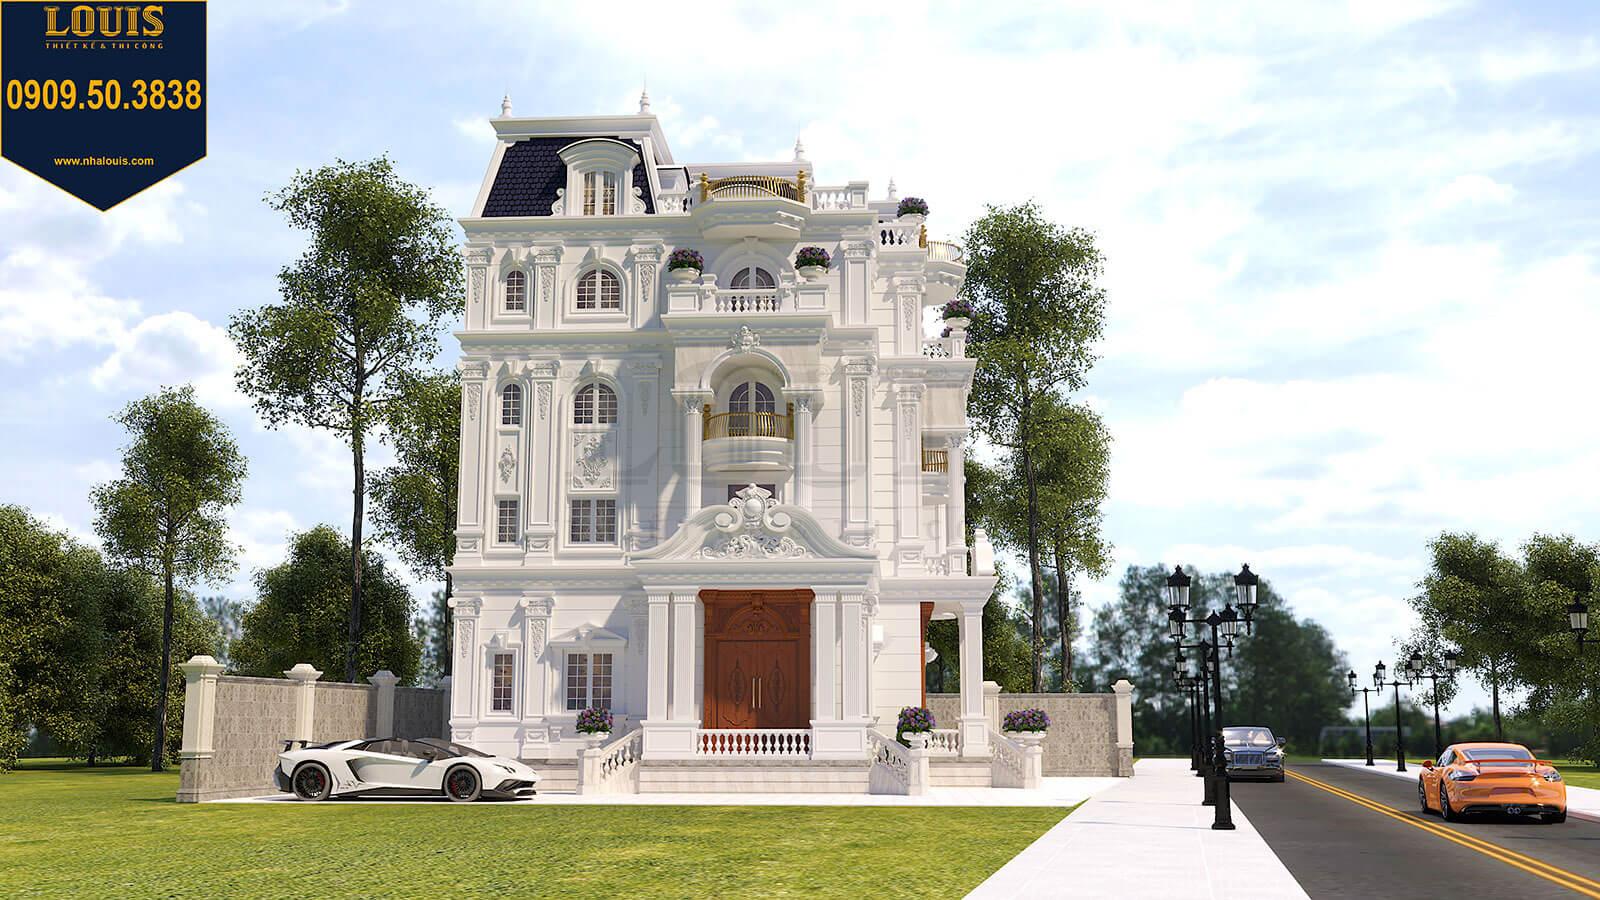 Mặt tiền Biệt thự Châu Âu cổ điển chuẩn sang chảnh tại Nhà Bè - 02